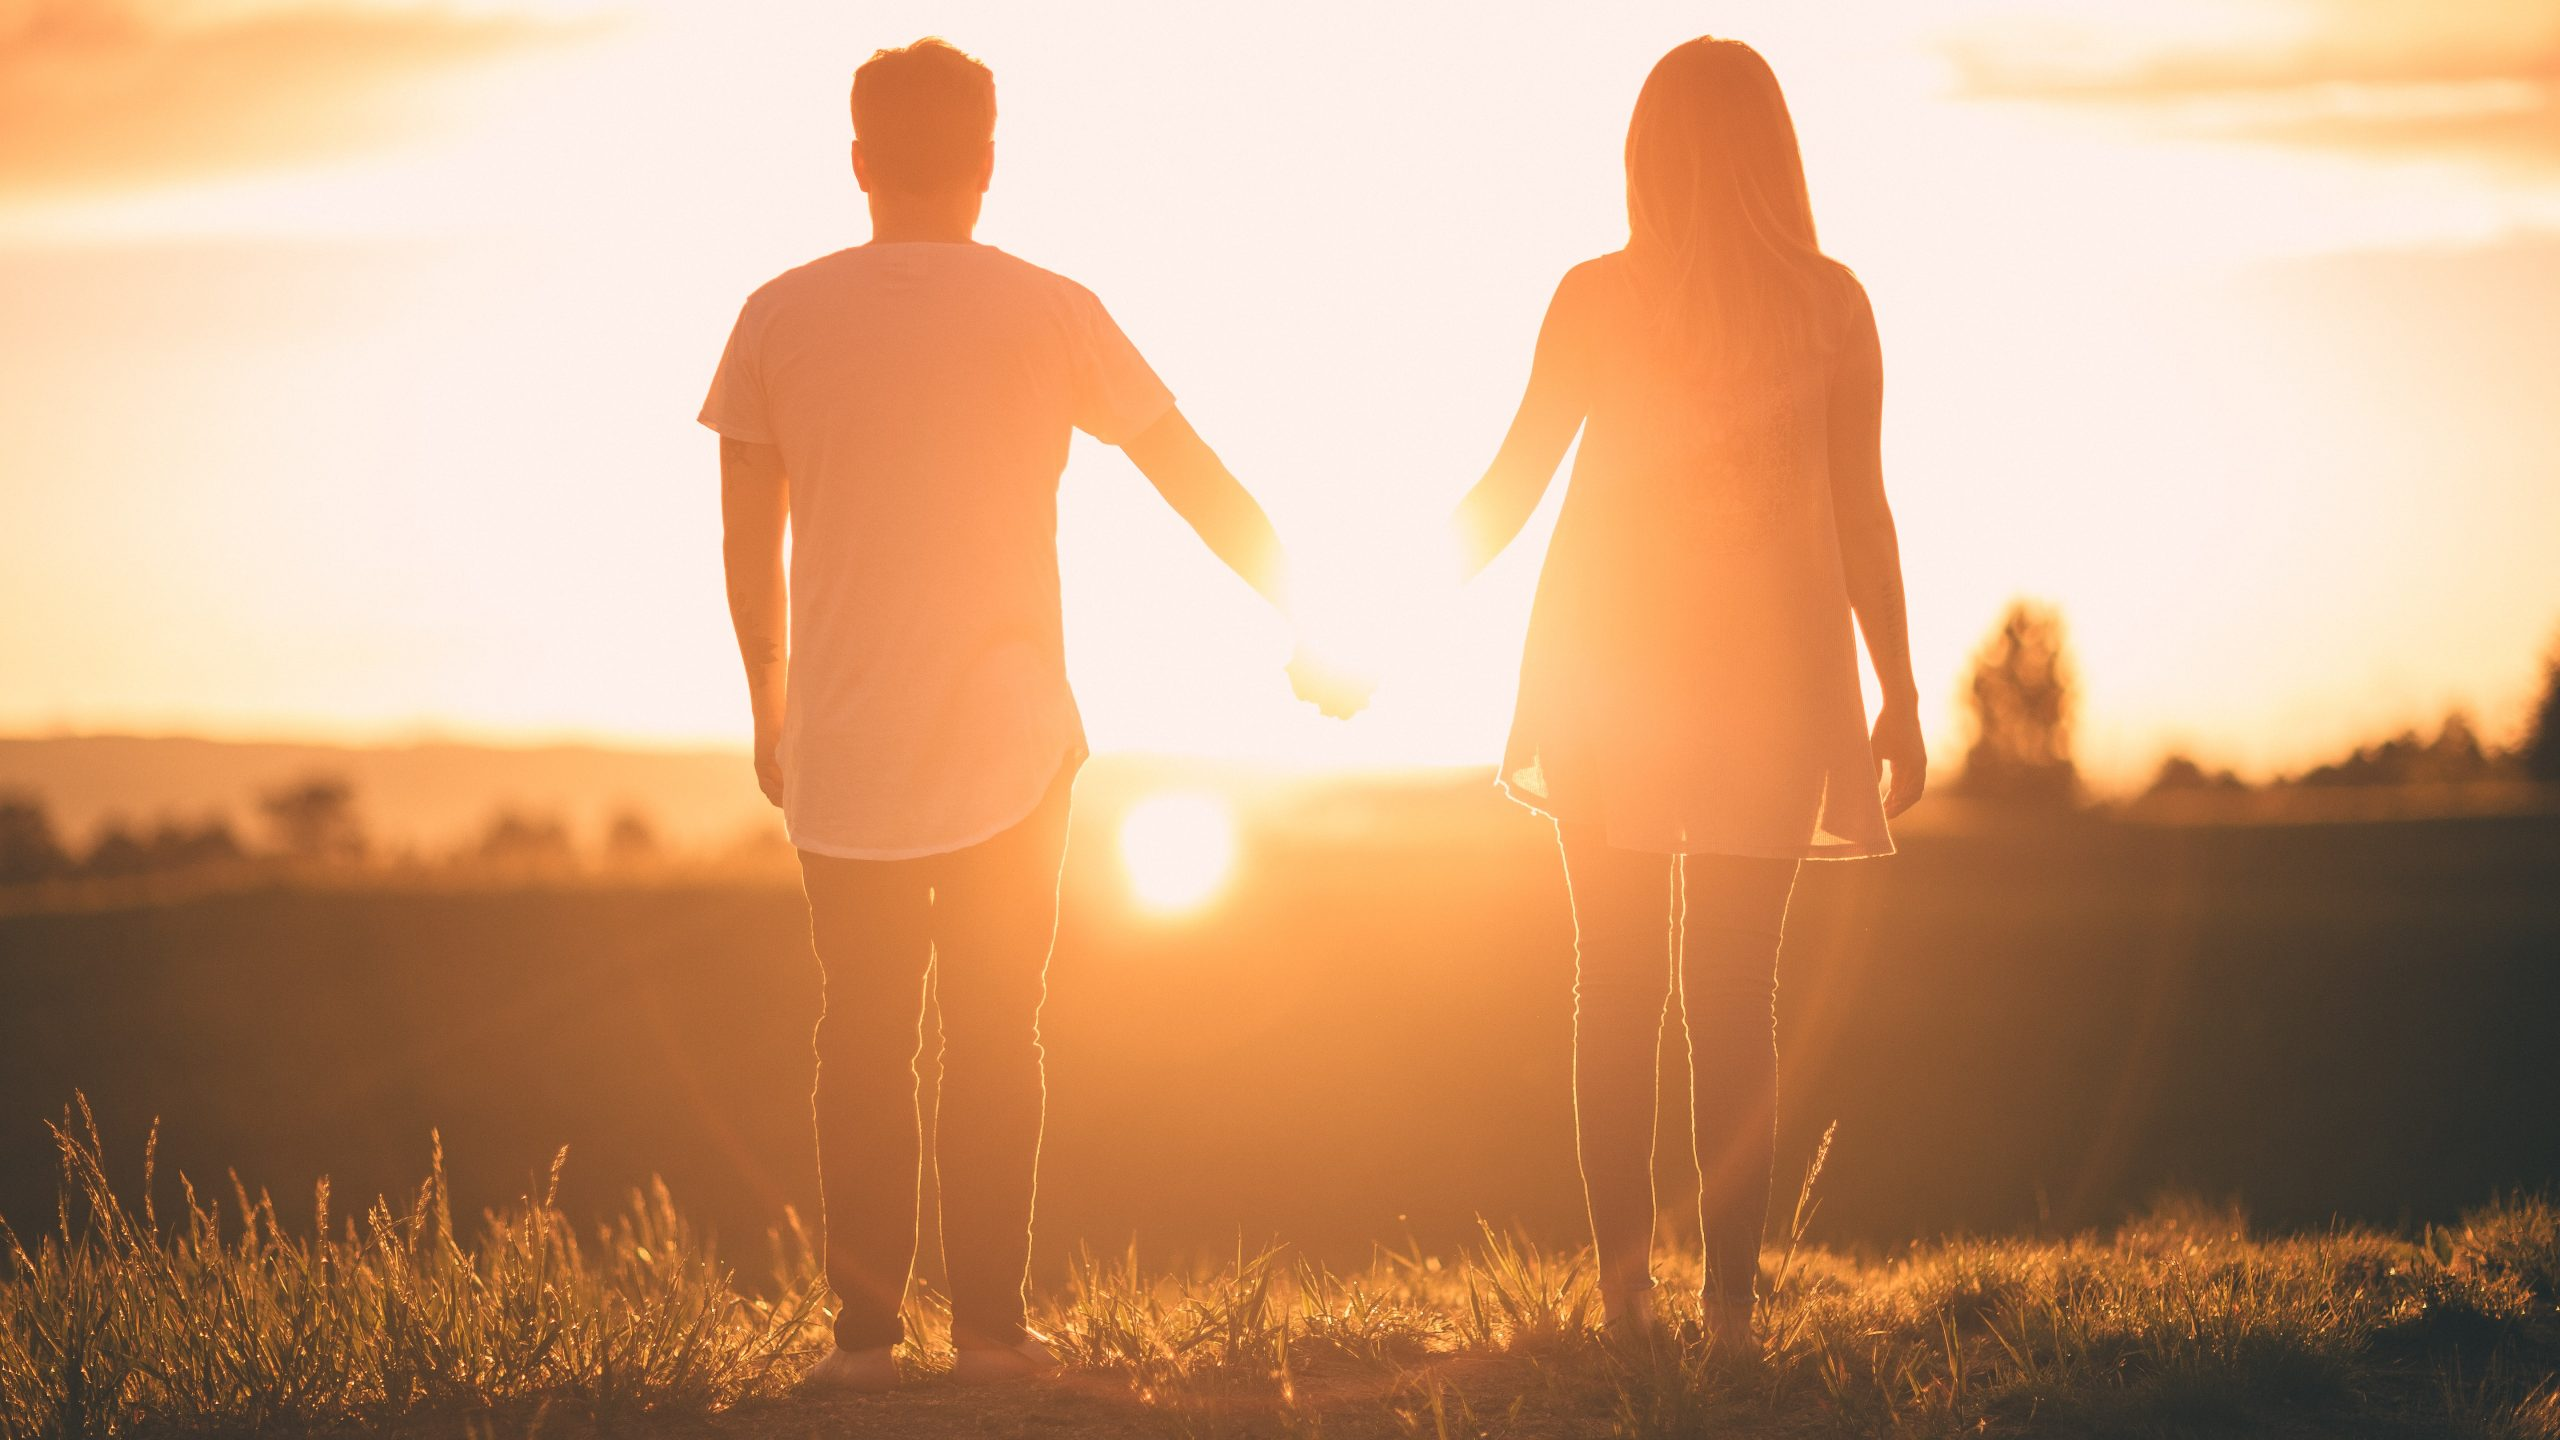 Kétszer törtük össze egymás szívét – miért kezdtük újra?